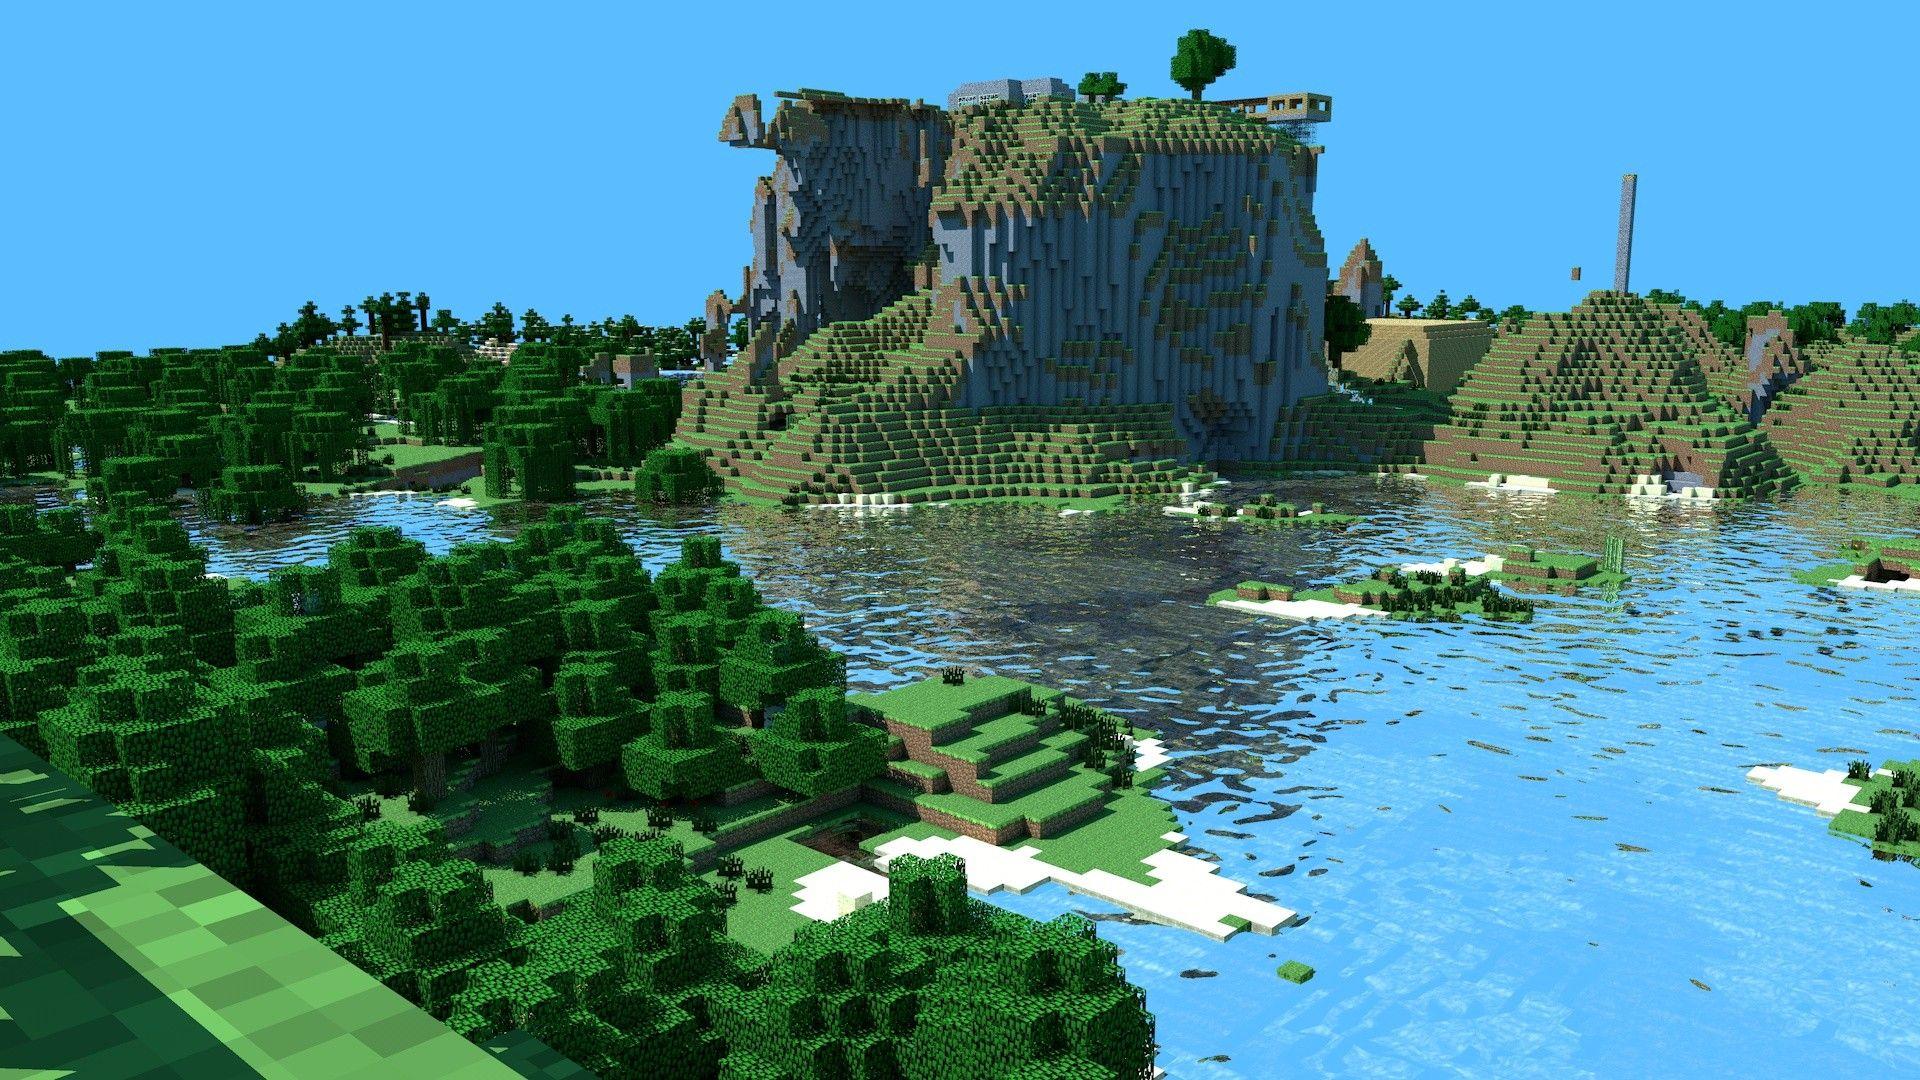 Hd Minecraft Desktop Backgrounds Minecraft Wallpaper Minecraft Pictures Minecraft